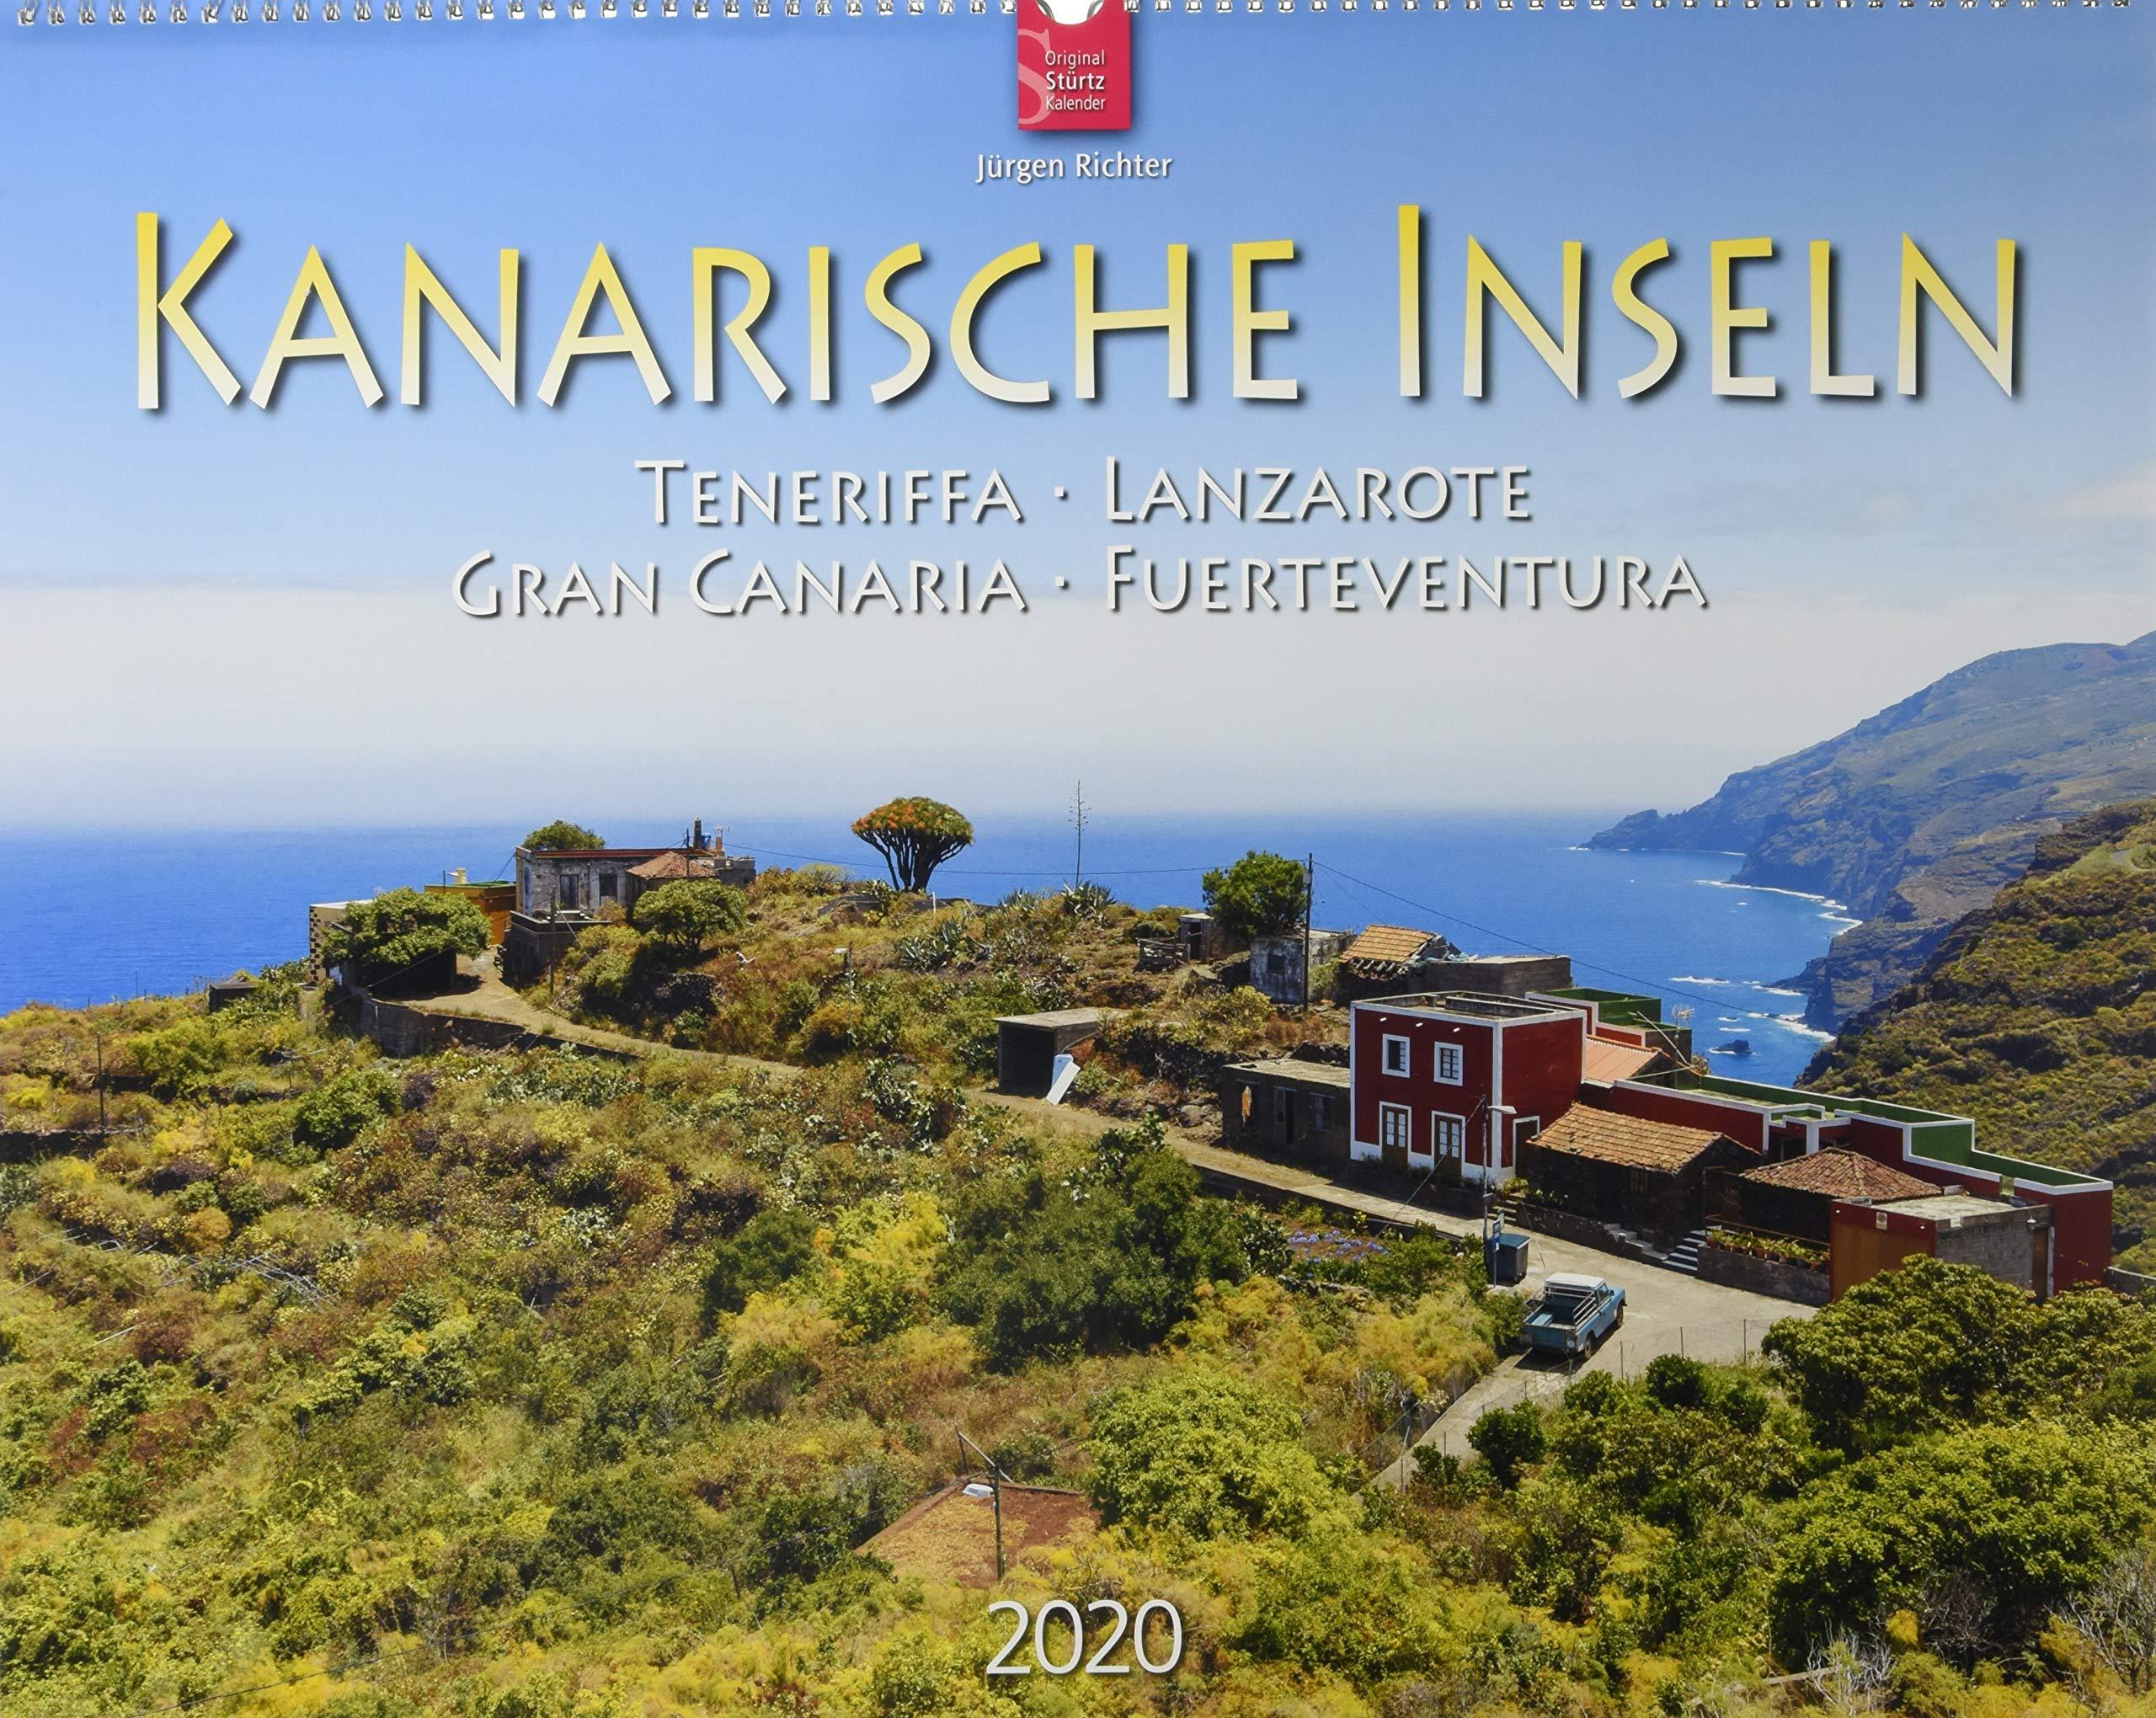 Kanarische Inseln 2020: Amazon.es: Libros en idiomas extranjeros